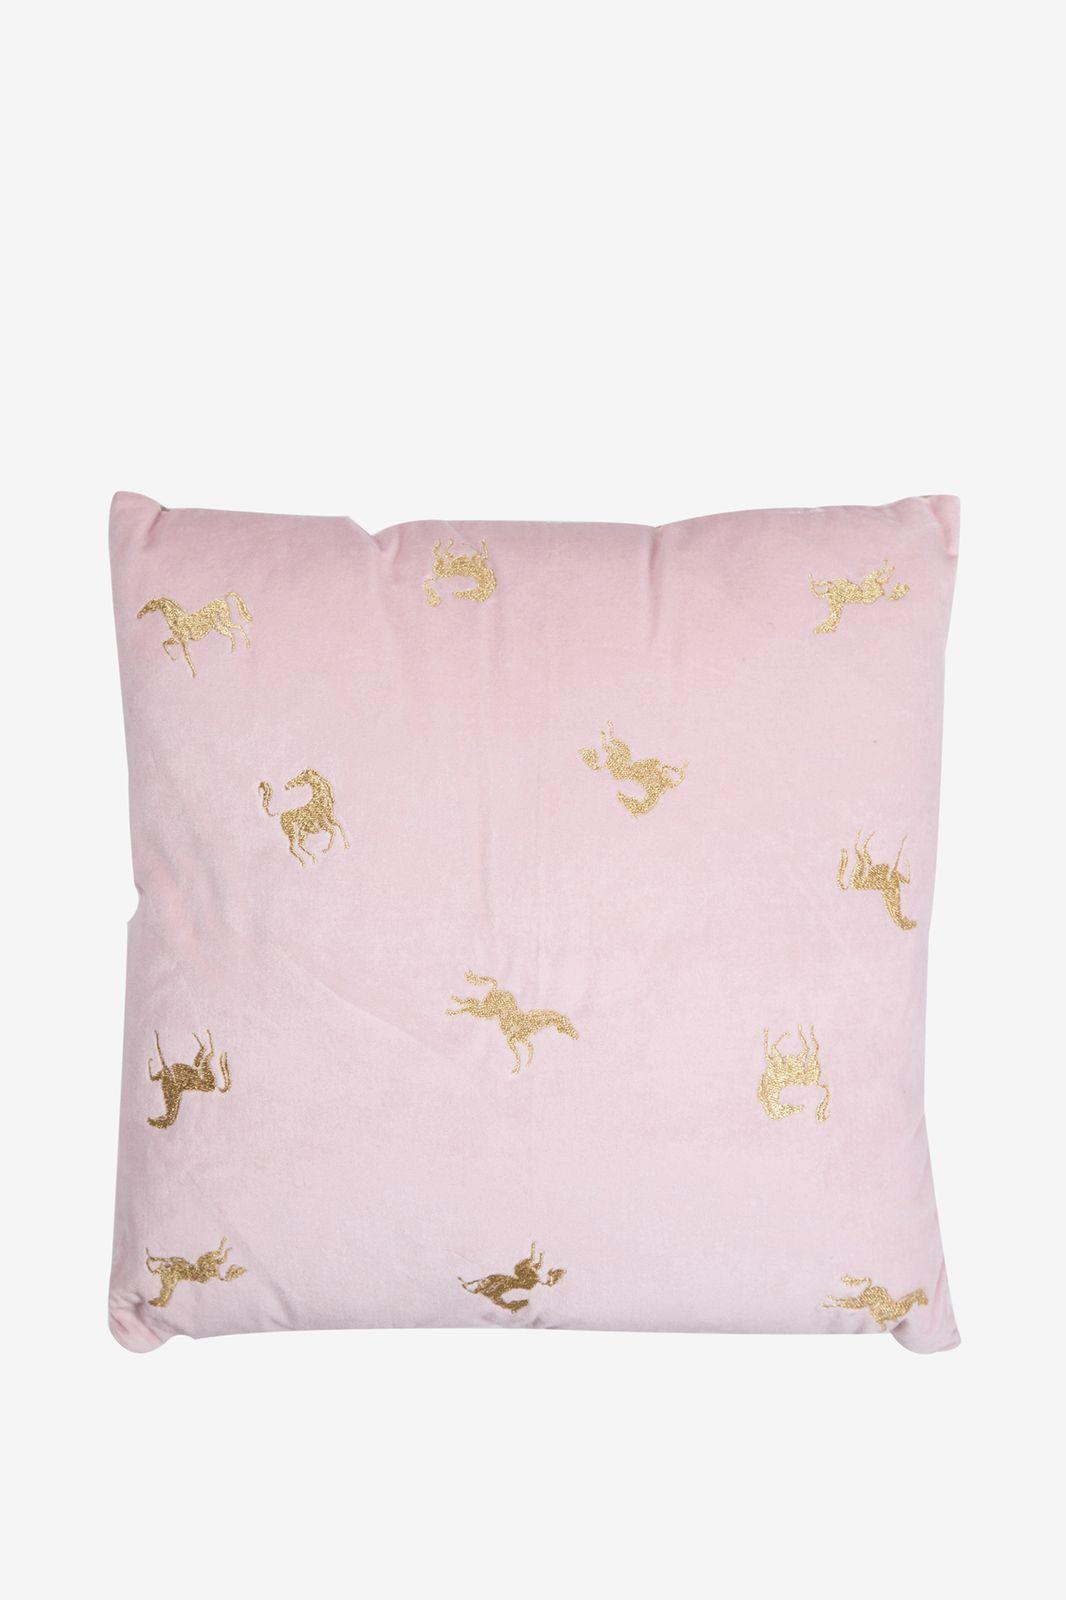 Roze velvet kussen met paarden